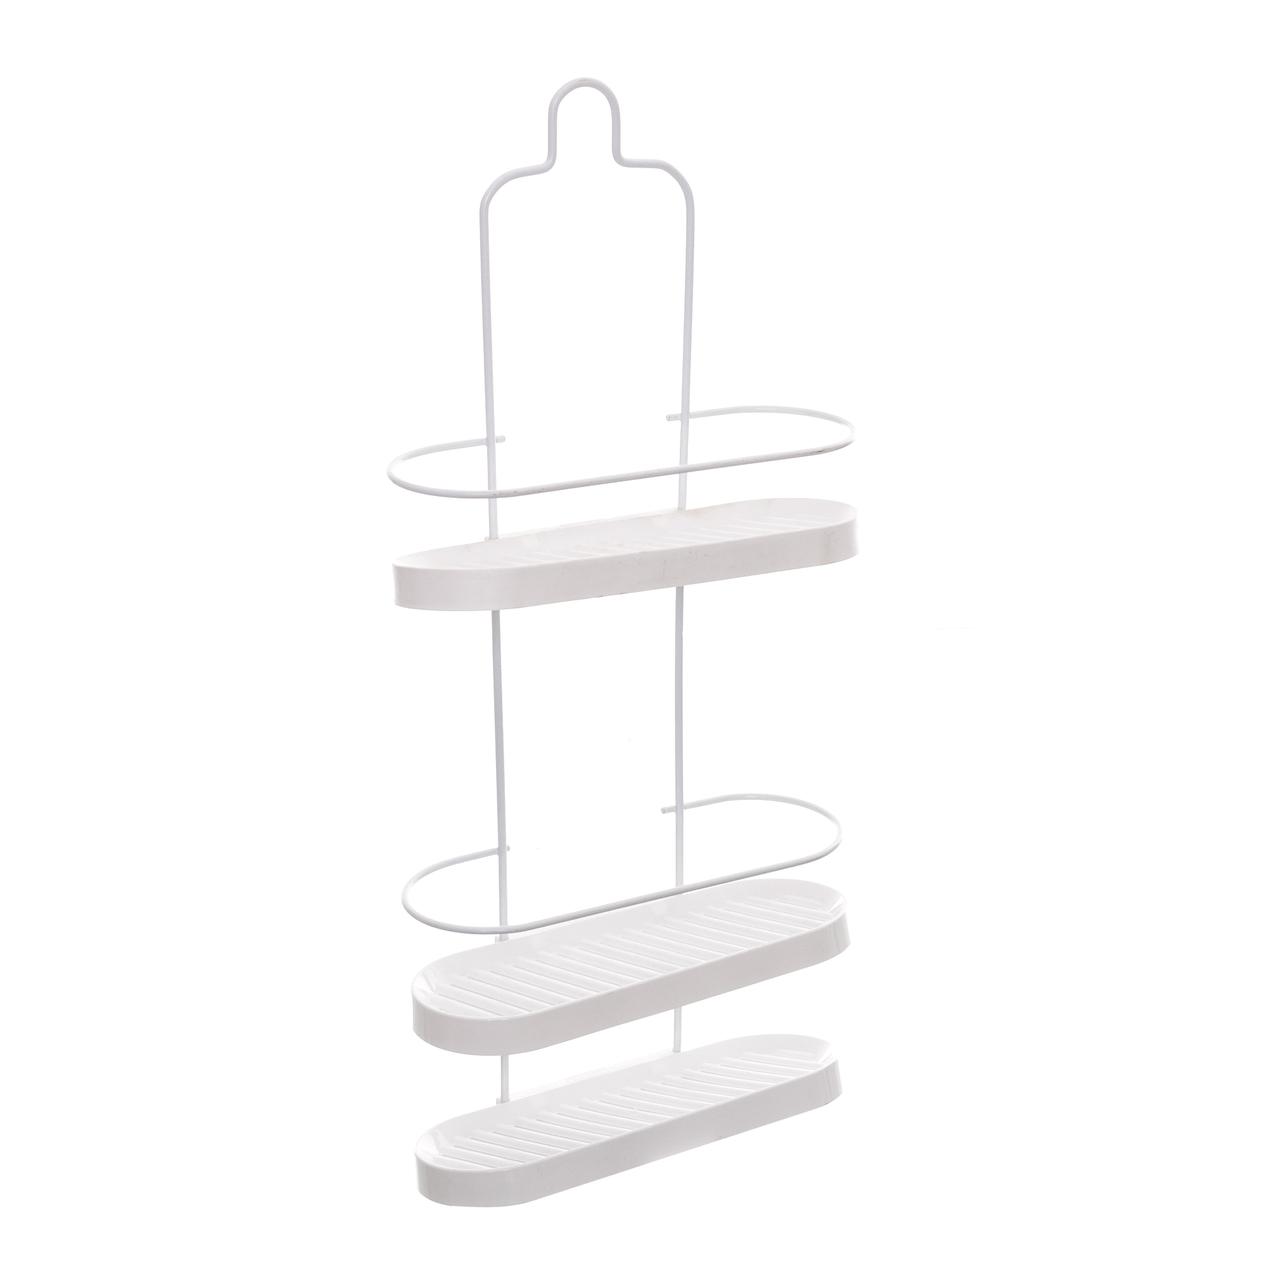 Porta Shampoo Wave Triplo - Para Registro  - CASACOBRE